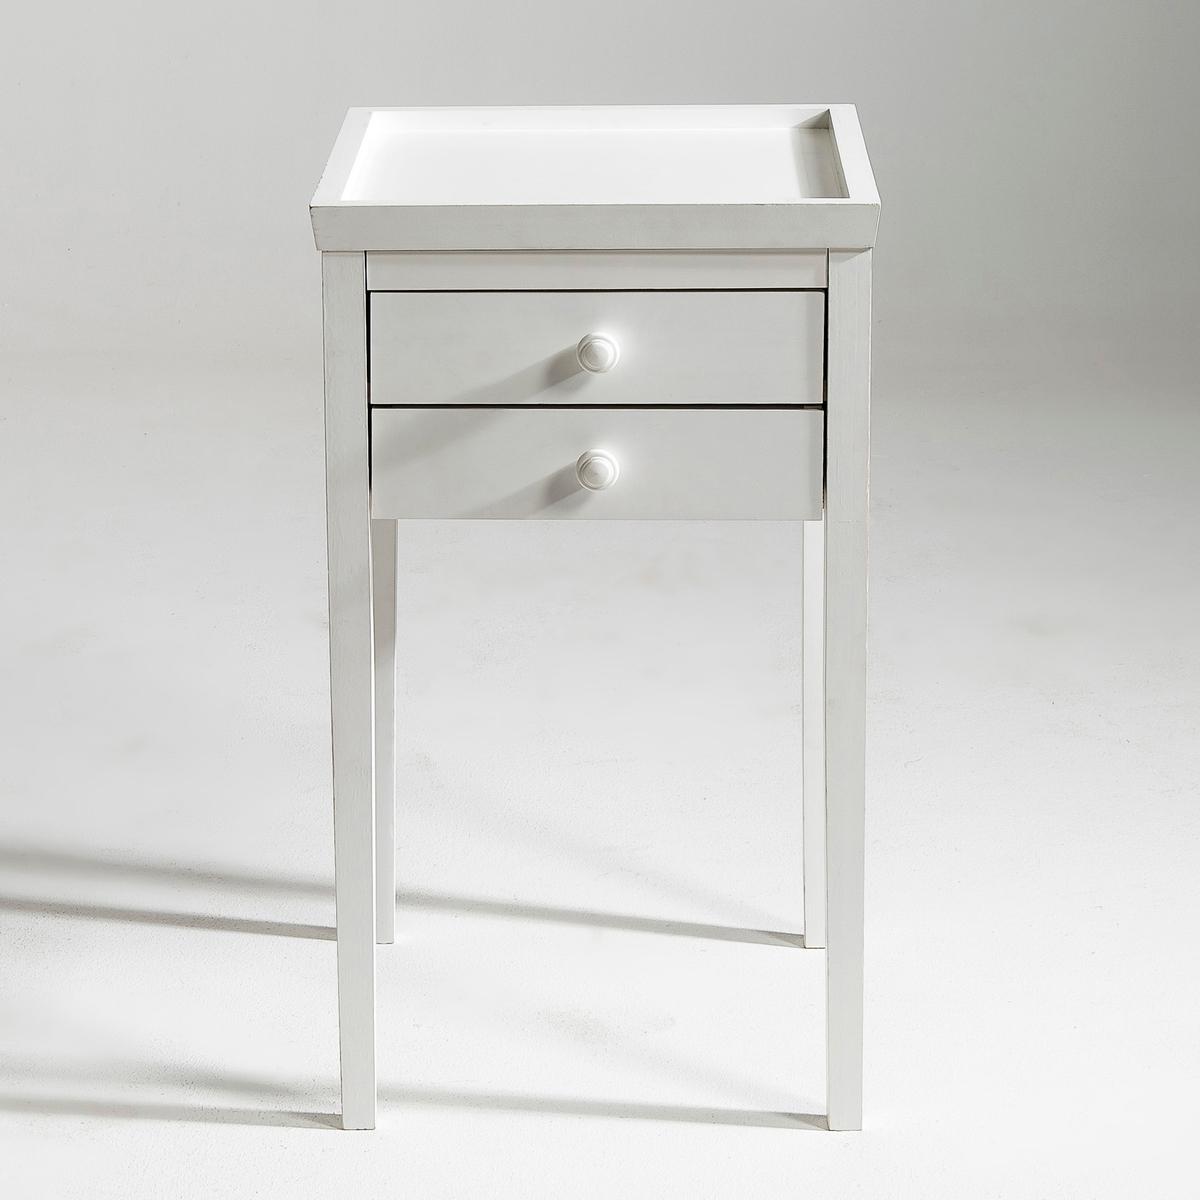 Прикроватный столик Alex, 3 варианта отделкиПрикроватный столик Alex. Практичный столик, 2 маленьких ящика.Характеристики :- Из массива сосны без обработки под покраску, покрытие нитролаком белого или светло-серого цвета.- Мебель под окраску. Для оптимального результата рекомендуем сначала покрыть нашу мебель грунтовкой, а после нанести 1-2 слоя краски. Описание :- 2 ящика- Данная модель легко собирается, инструкция по сборке прилагается. Размеры  :- Шир. 40 x Выс. 70 x Гл. 40 см.- Размеры ящика : Шир. 30 x Выс. 5,5 x Гл. 27,5 см.- Вес : 6,9 кгРазмеры и вес упаковки :- Шир. 97 x Выс. 9,5 x Гл. 46 см, 8,5 кг<br><br>Цвет: белый,под покраску,светло-серый<br>Размер: единый размер